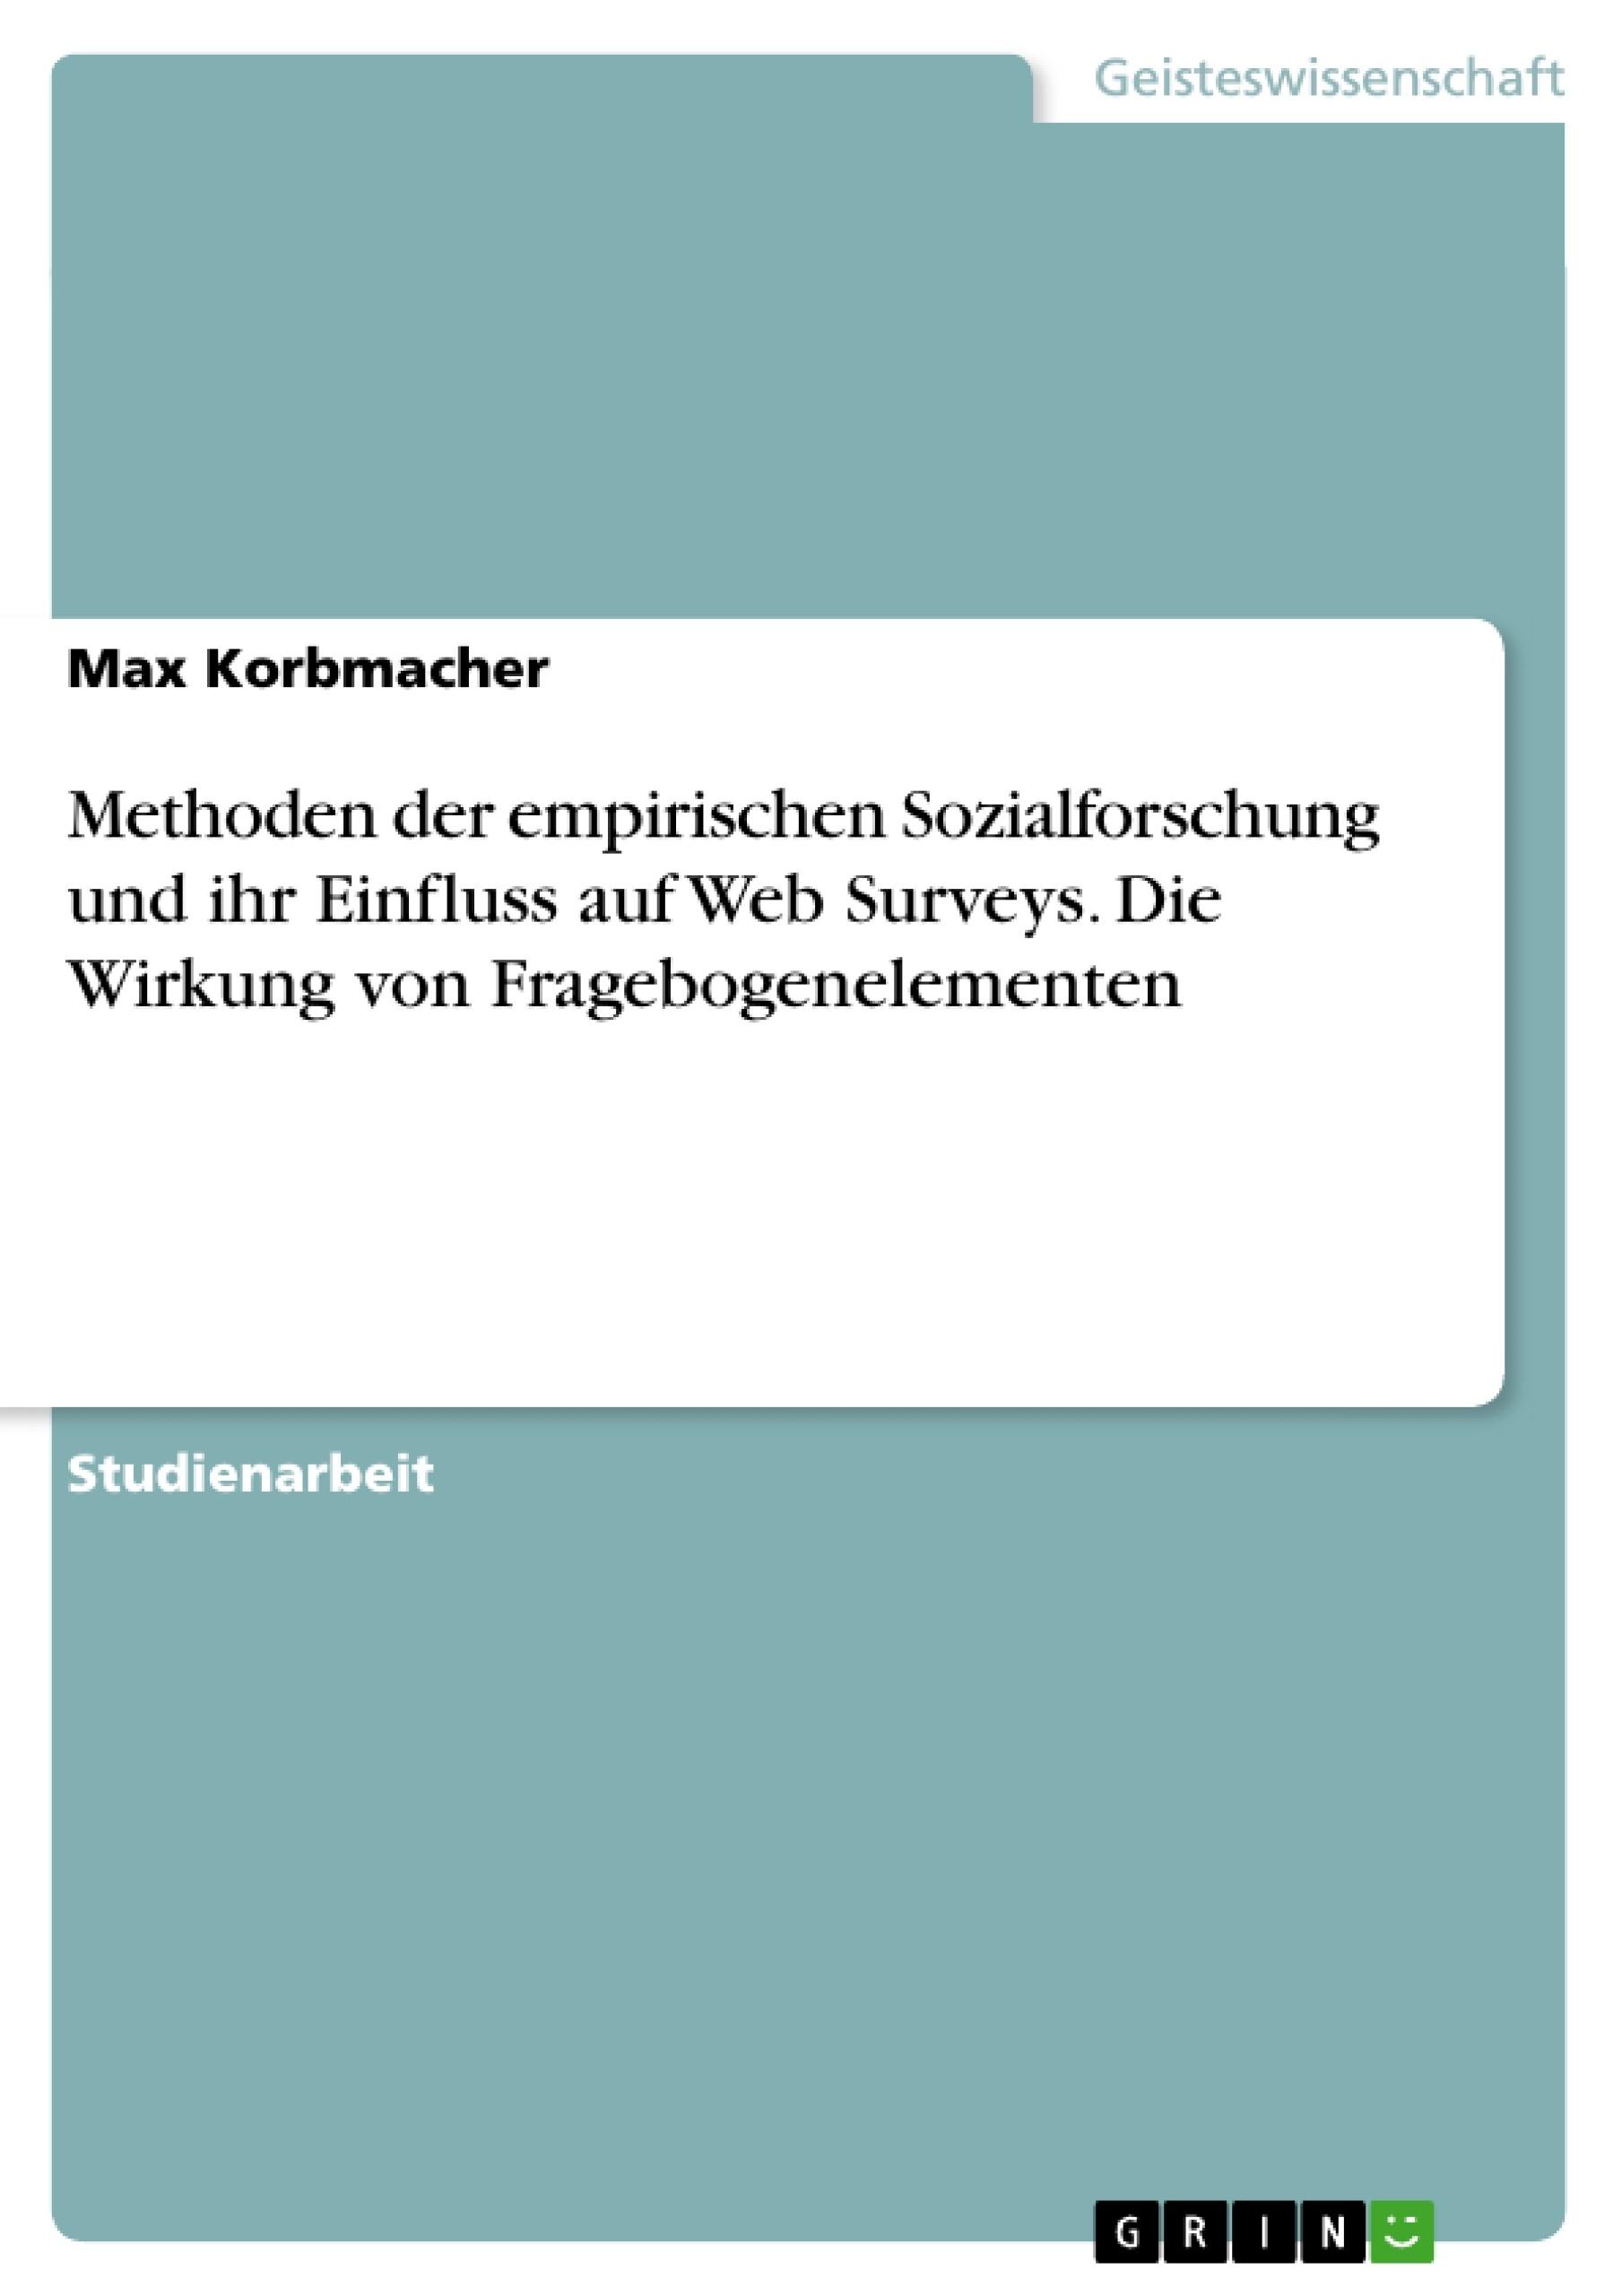 Titel: Methoden der empirischen Sozialforschung und ihr Einfluss auf Web Surveys. Die Wirkung von Fragebogenelementen